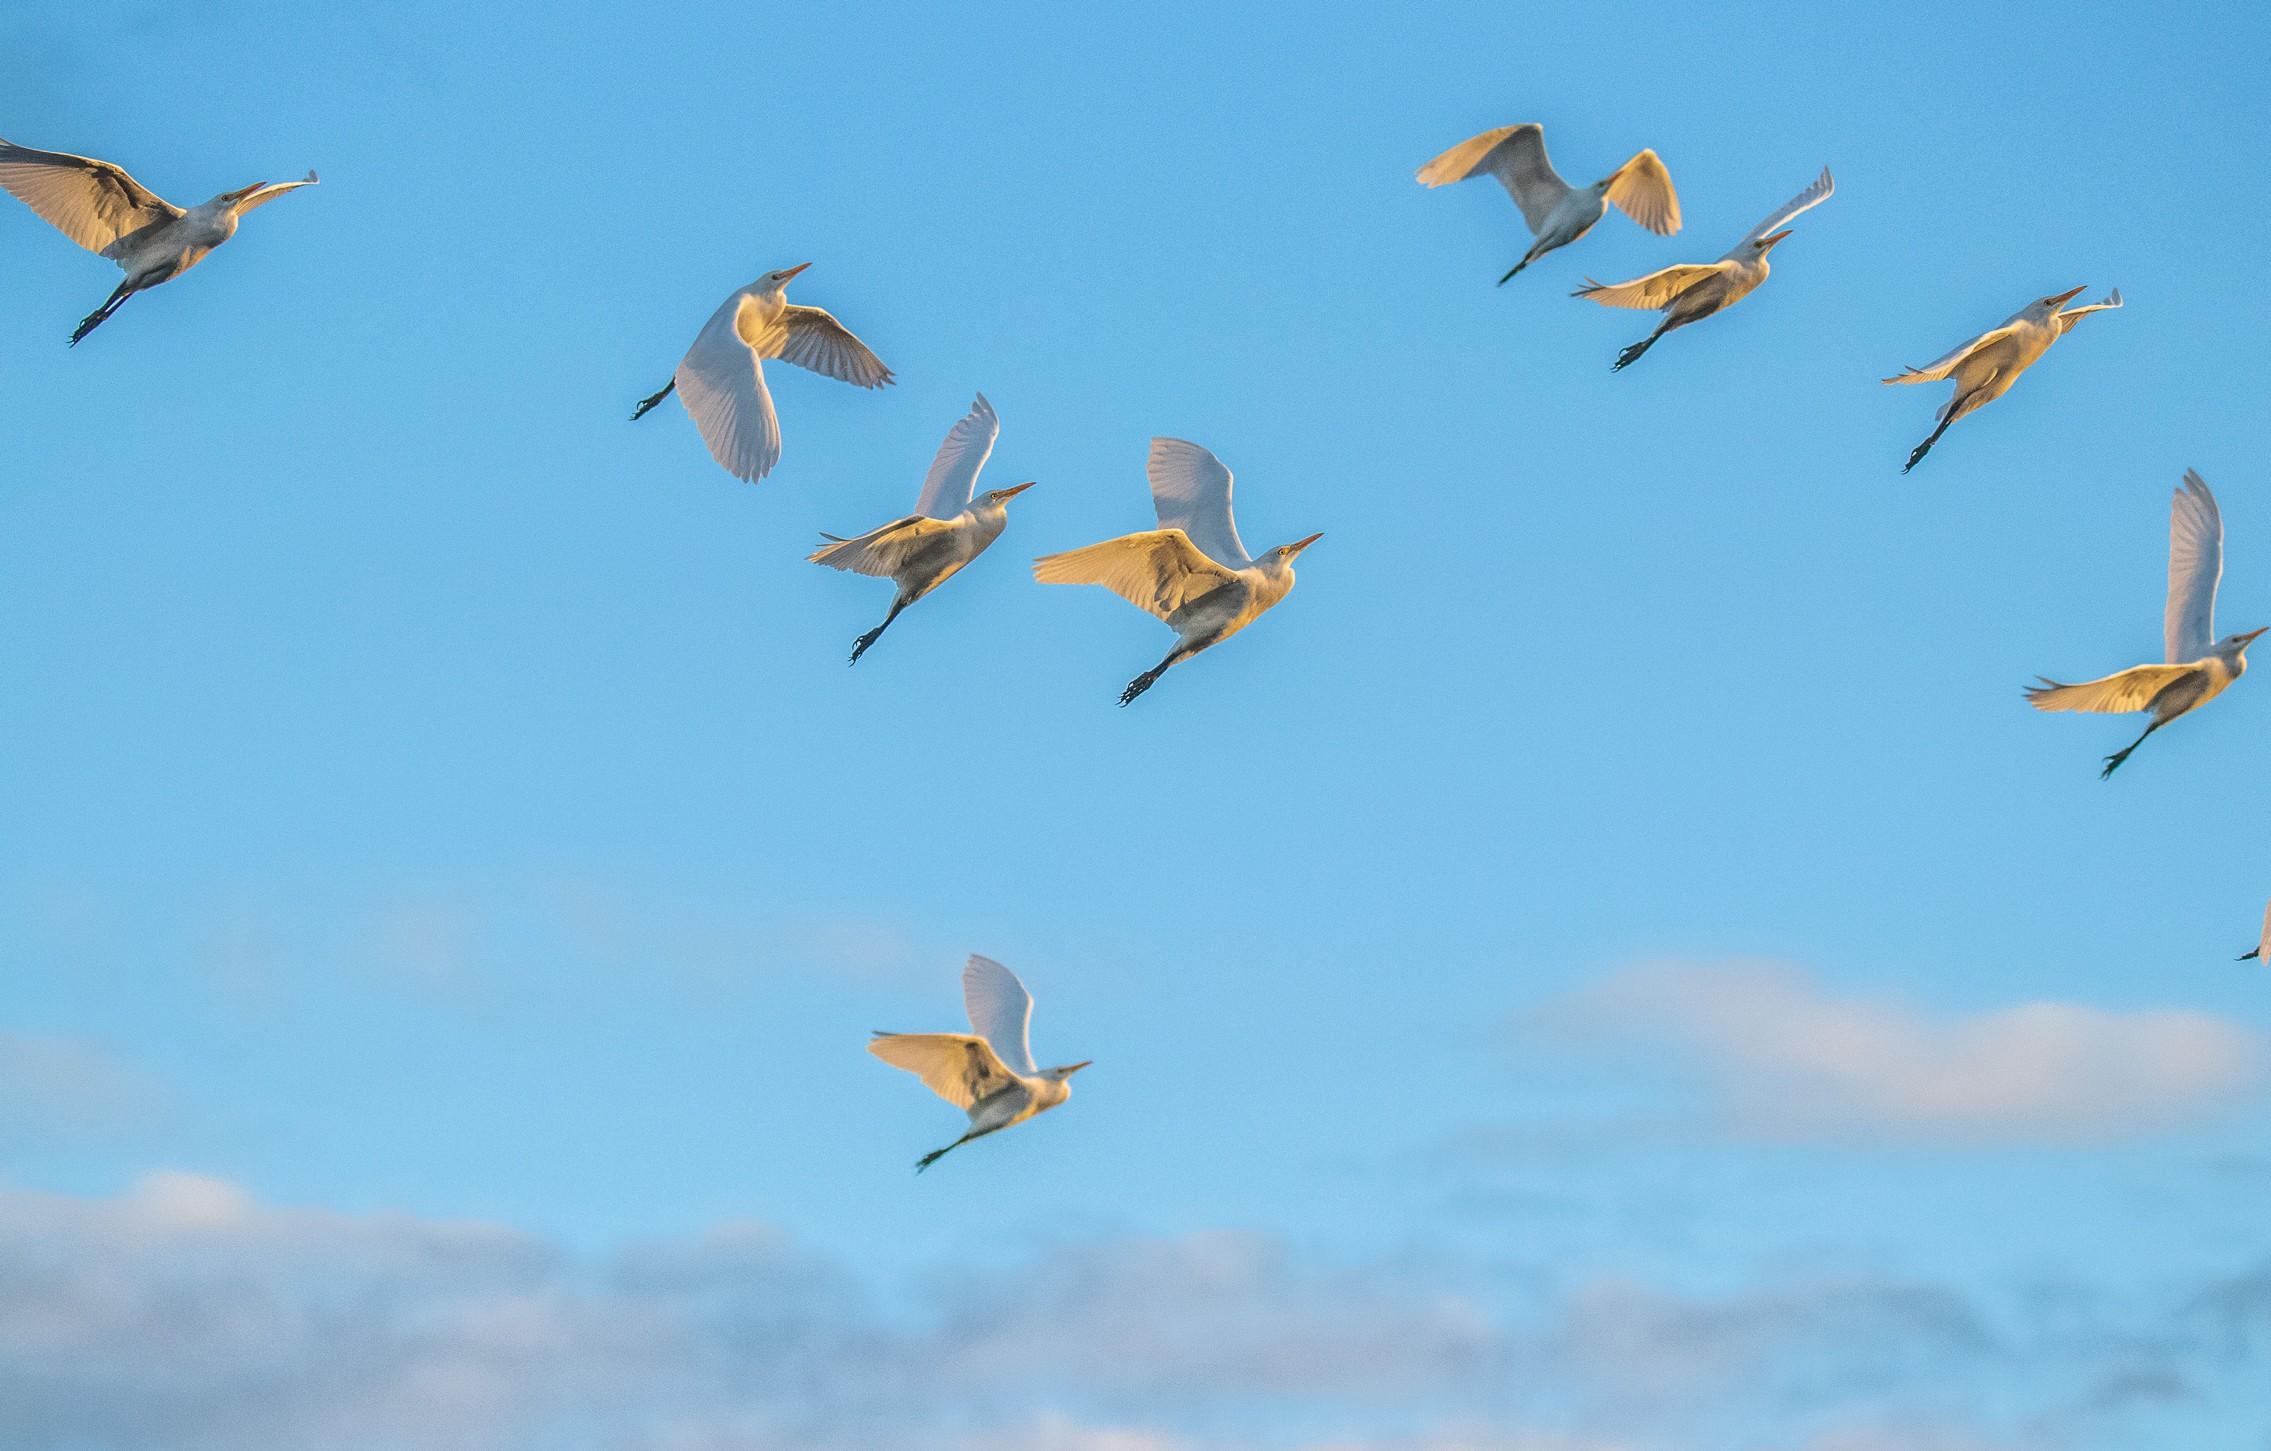 128-cattle-heron-flying-(2)-f.jpg